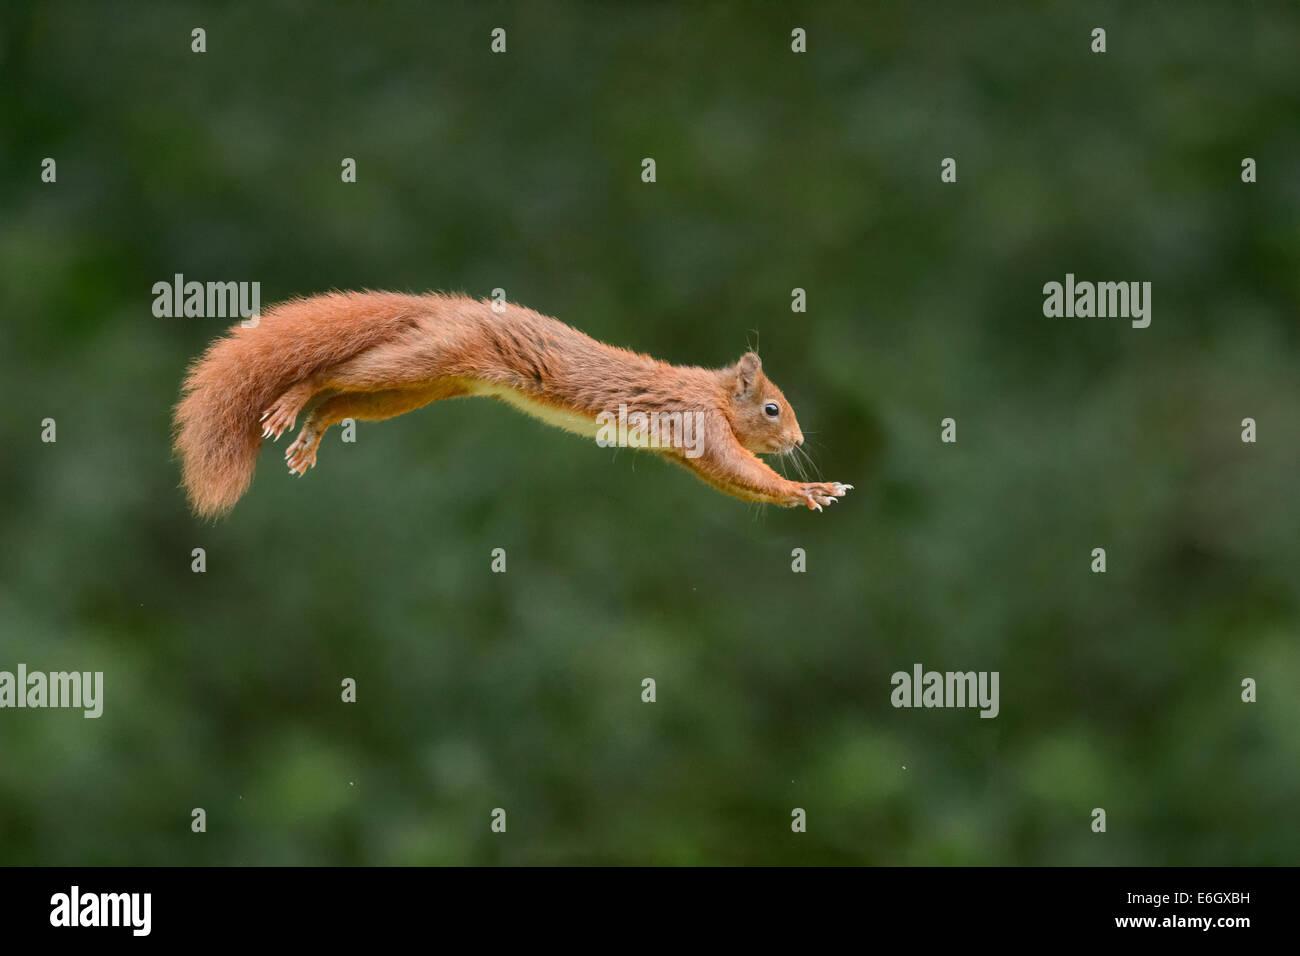 Le saut de l'écureuil rouge Photo Stock